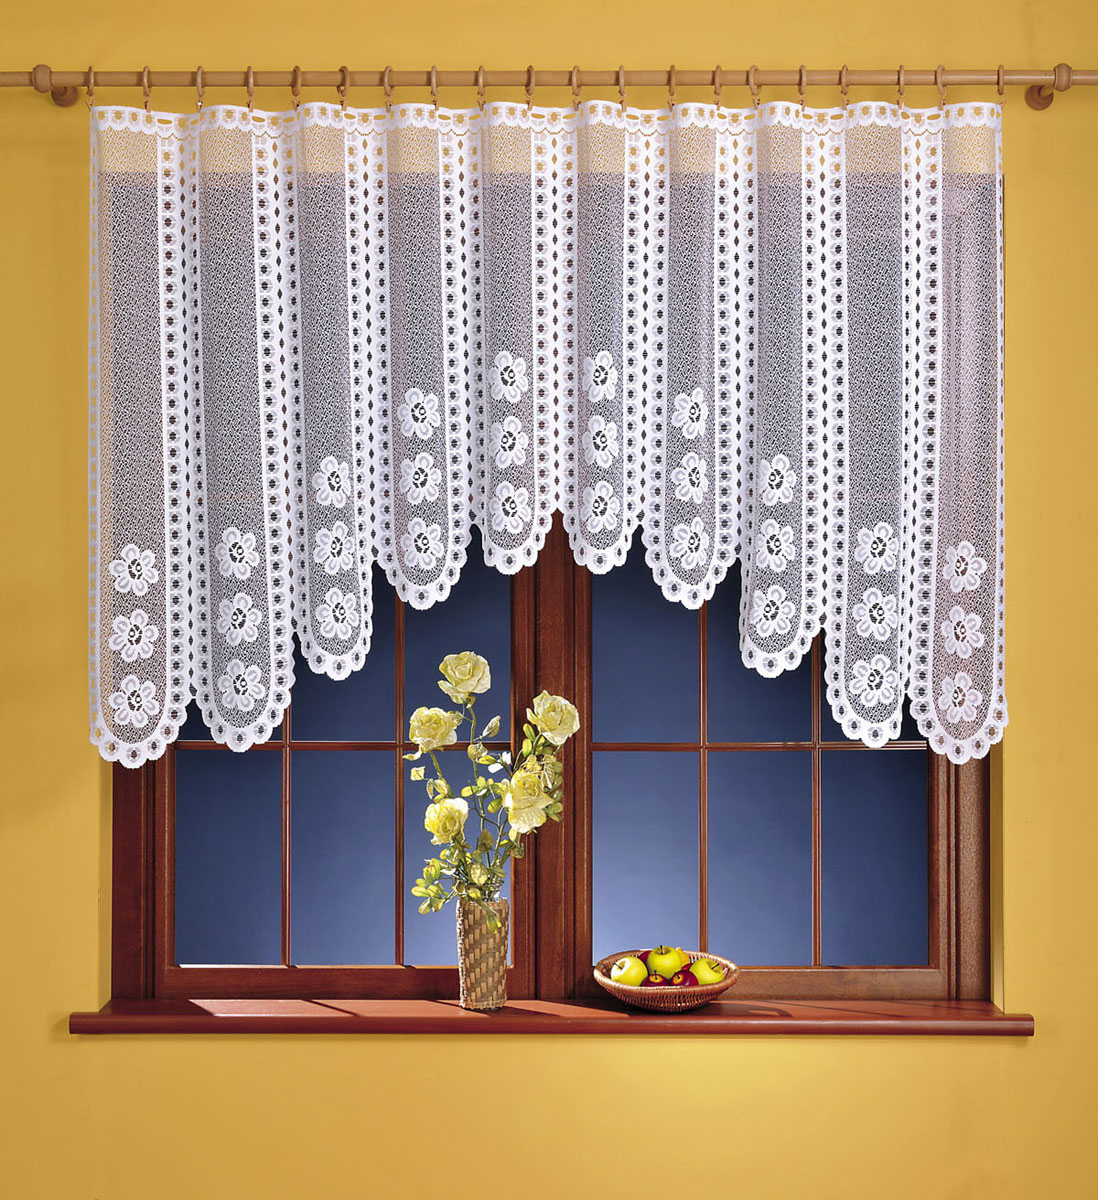 Гардина Kasia, цвет: белый, высота 120 см391602Гардина Kasia, изготовленная из полиэстера белого цвета, станет великолепным украшением любого окна. Тонкое плетение, оригинальный дизайн и красивый цветочный узор привлекут к себе внимание и органично впишутся в интерьер комнаты. Верхняя часть гардины не оснащена креплениями. Характеристики:Материал: 100% полиэстер. Цвет: белый. Размер упаковки:27 см х 34 см х 3 см. Артикул: 676187.В комплект входит:Гардина - 1 шт. Размер (Ш х В): 230 см х 120 см. Фирма Wisan на польском рынке существует уже более пятидесяти лет и является одной из лучших польских фабрик по производству штор и тканей. Ассортимент фирмы представлен готовыми комплектами штор для гостиной, детской, кухни, а также текстилем для кухни (скатерти, салфетки, дорожки, кухонные занавески). Модельный ряд отличает оригинальный дизайн, высокое качество. Ассортимент продукции постоянно пополняется.